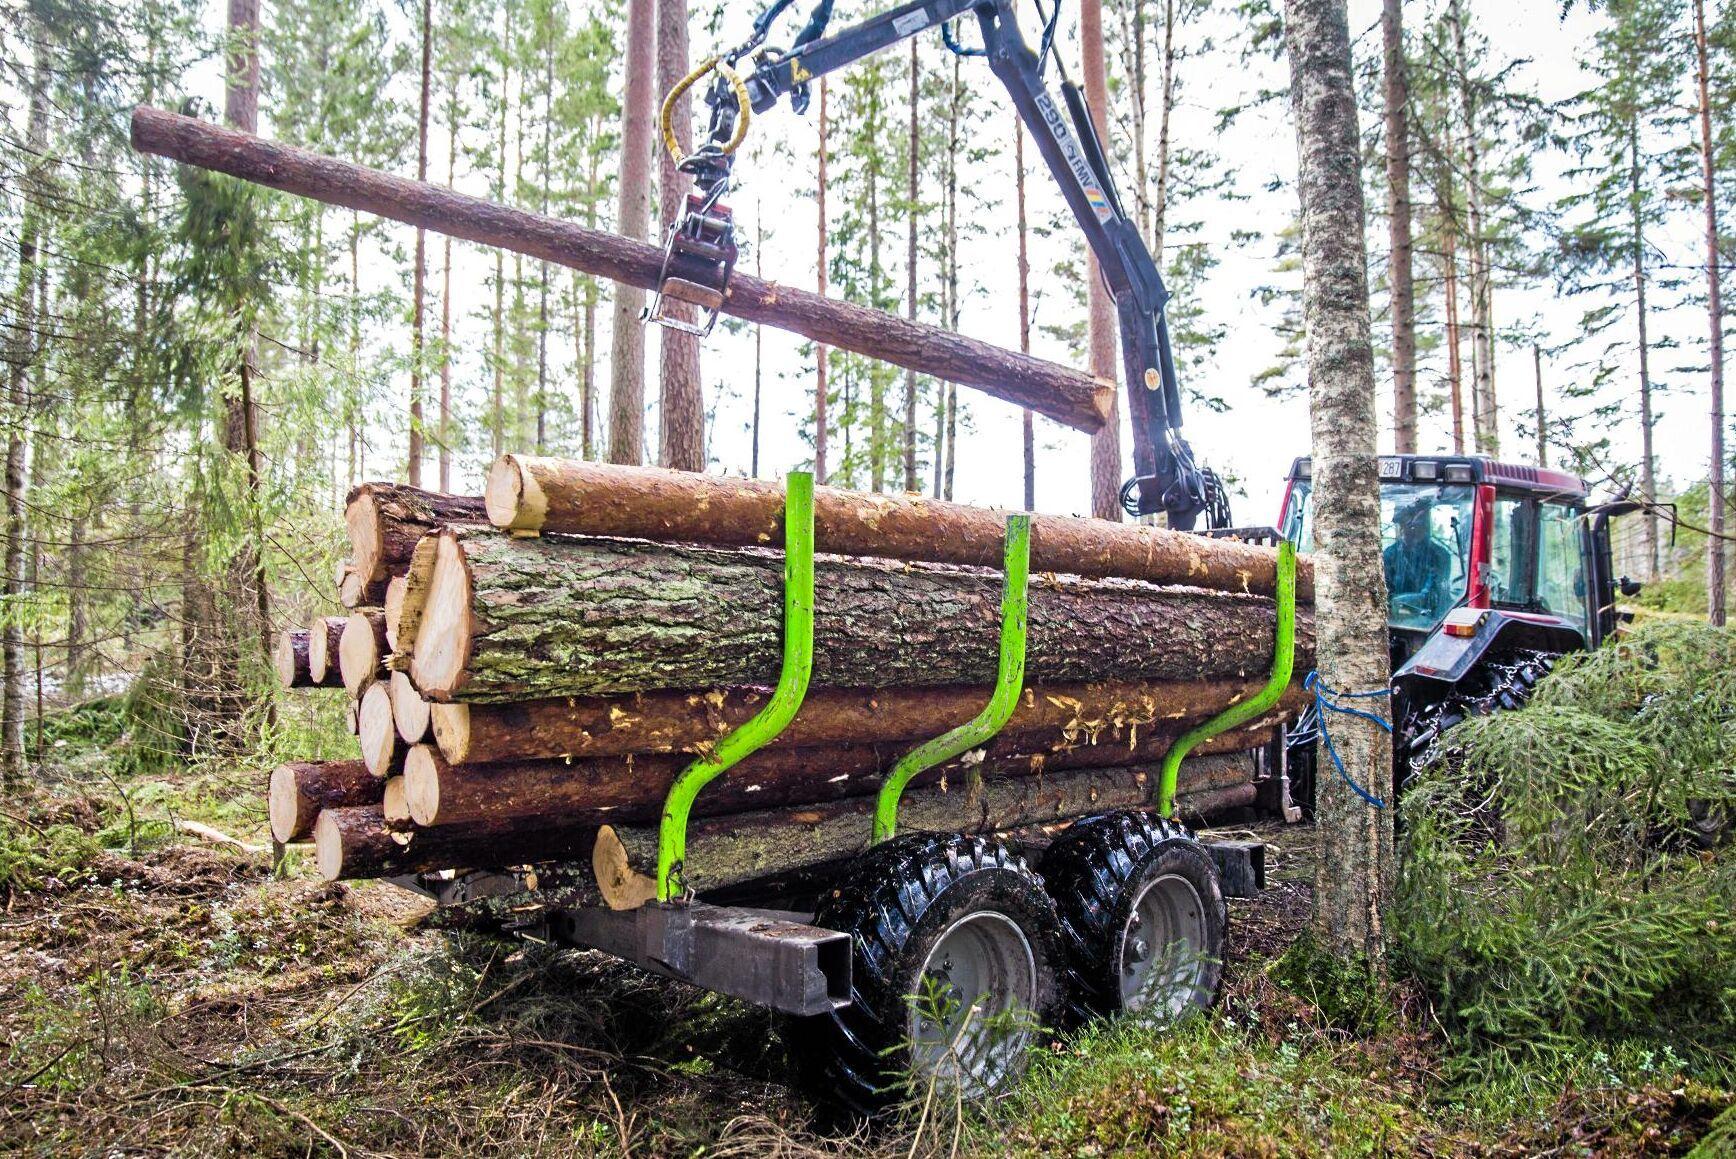 När EU-parlamentet röstar om LULUCF-reglerna kan det innebära att medlemsländerna får ett avverkningstak för skogsbruket, något som flera svenska EU-parlamentariker och LRF är kritiska till.